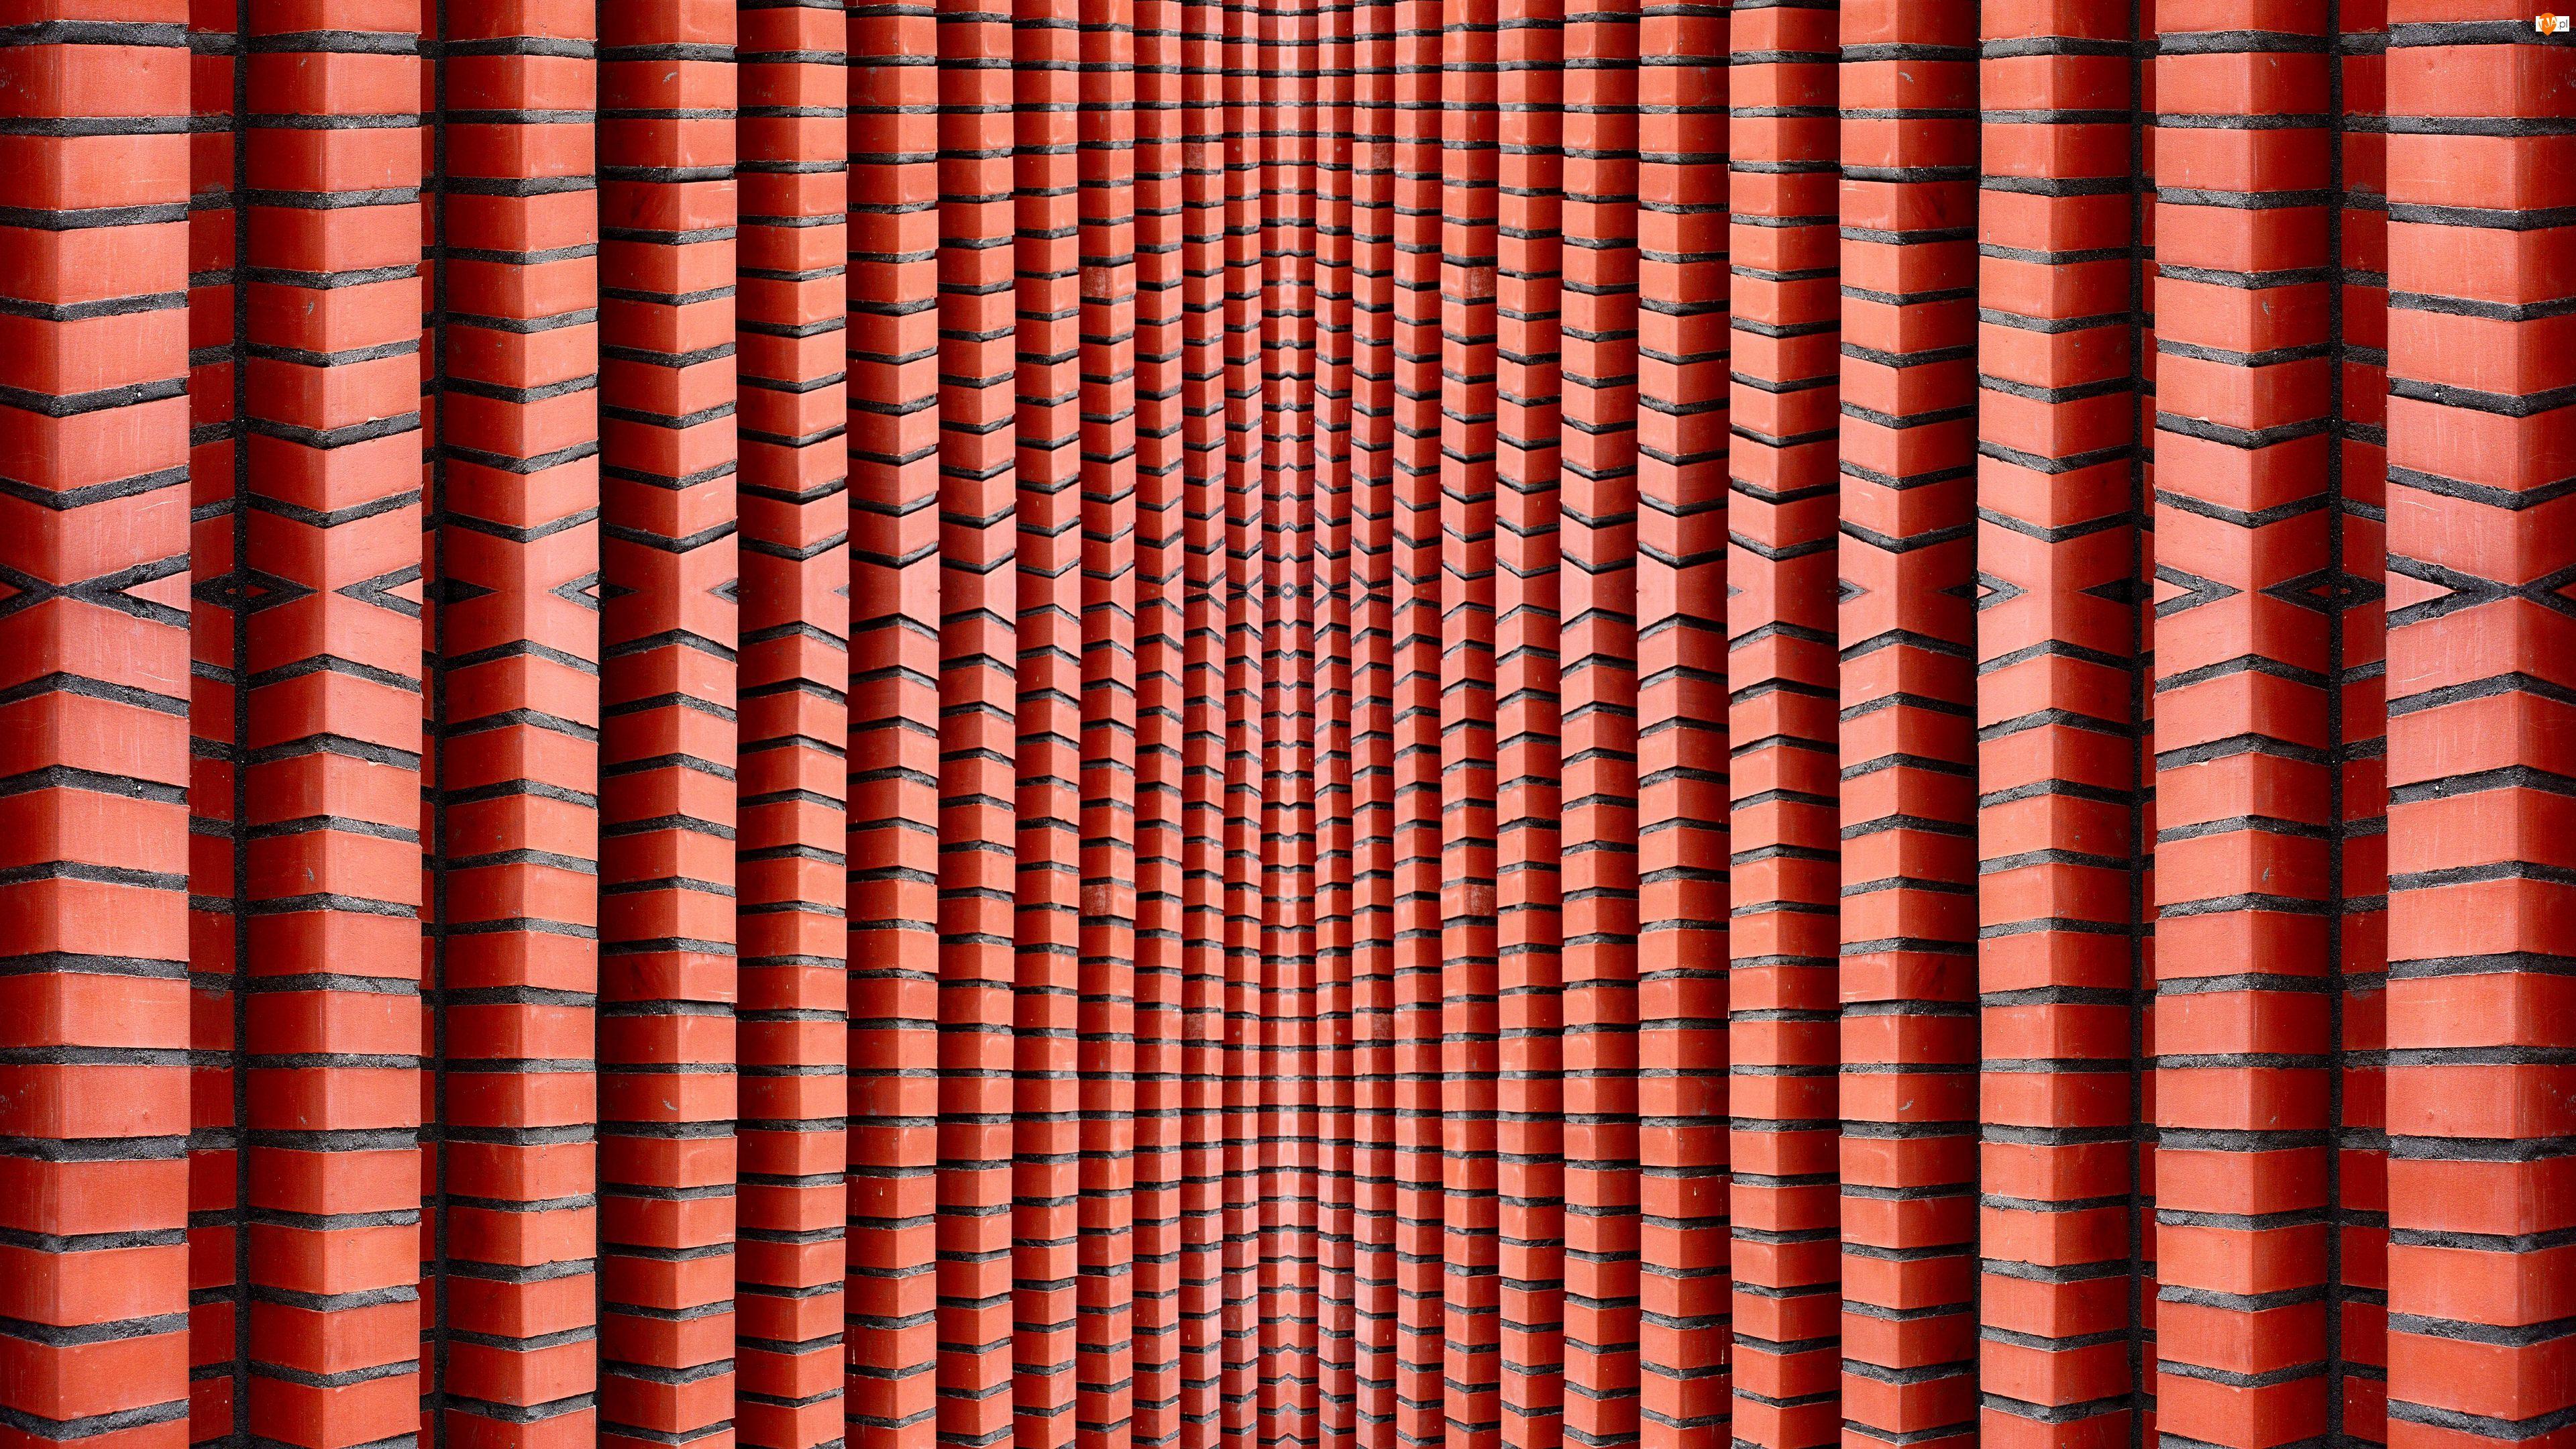 Czerwony, Cegły, Tekstura, Mur